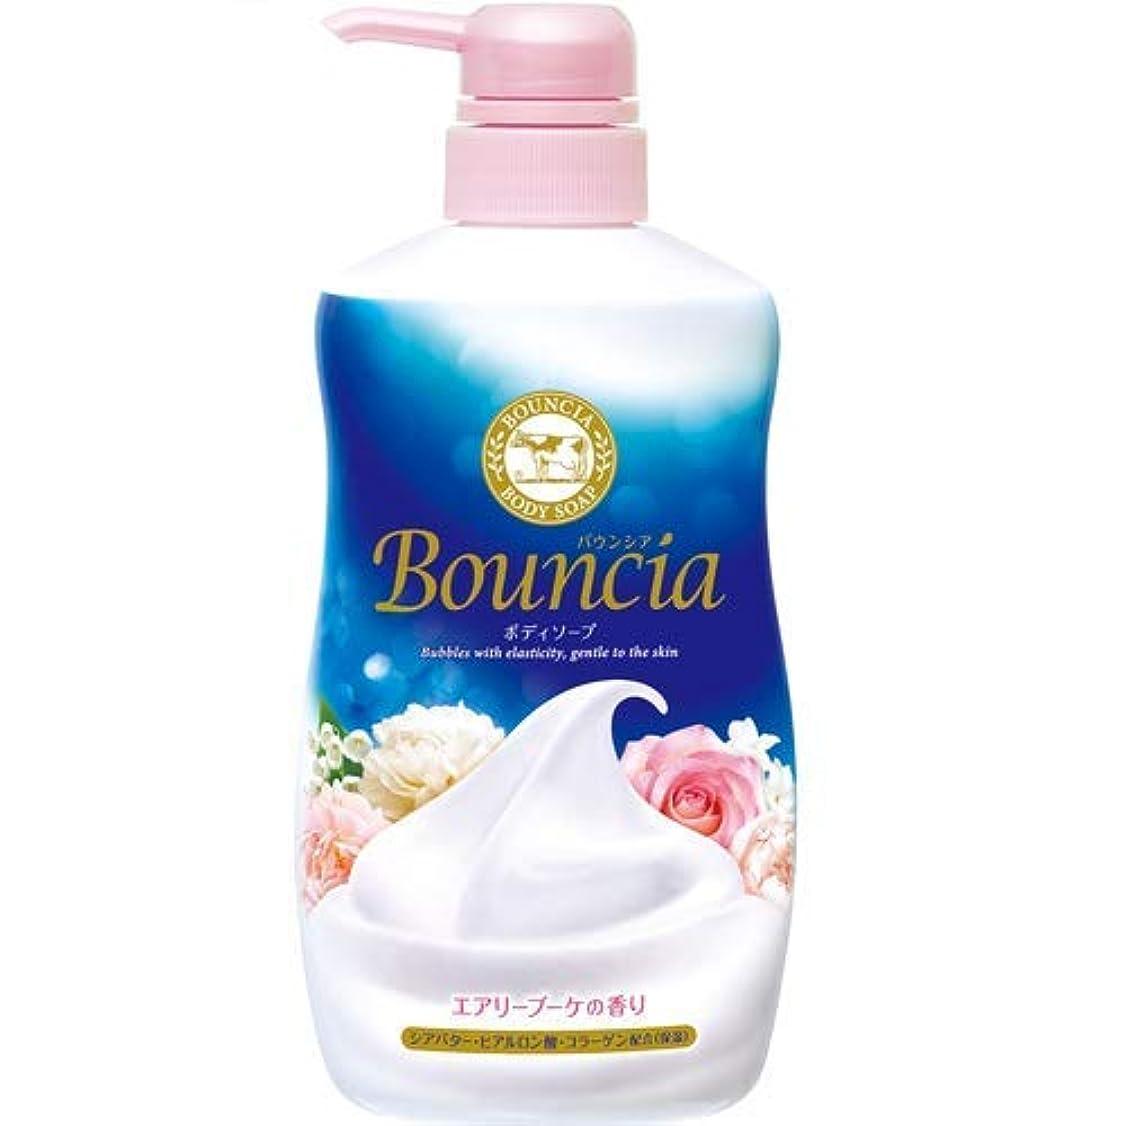 備品愛国的なエイリアスバウンシアボディソープ エアリーブーケの香り ポンプ付?500mL × 10個セット